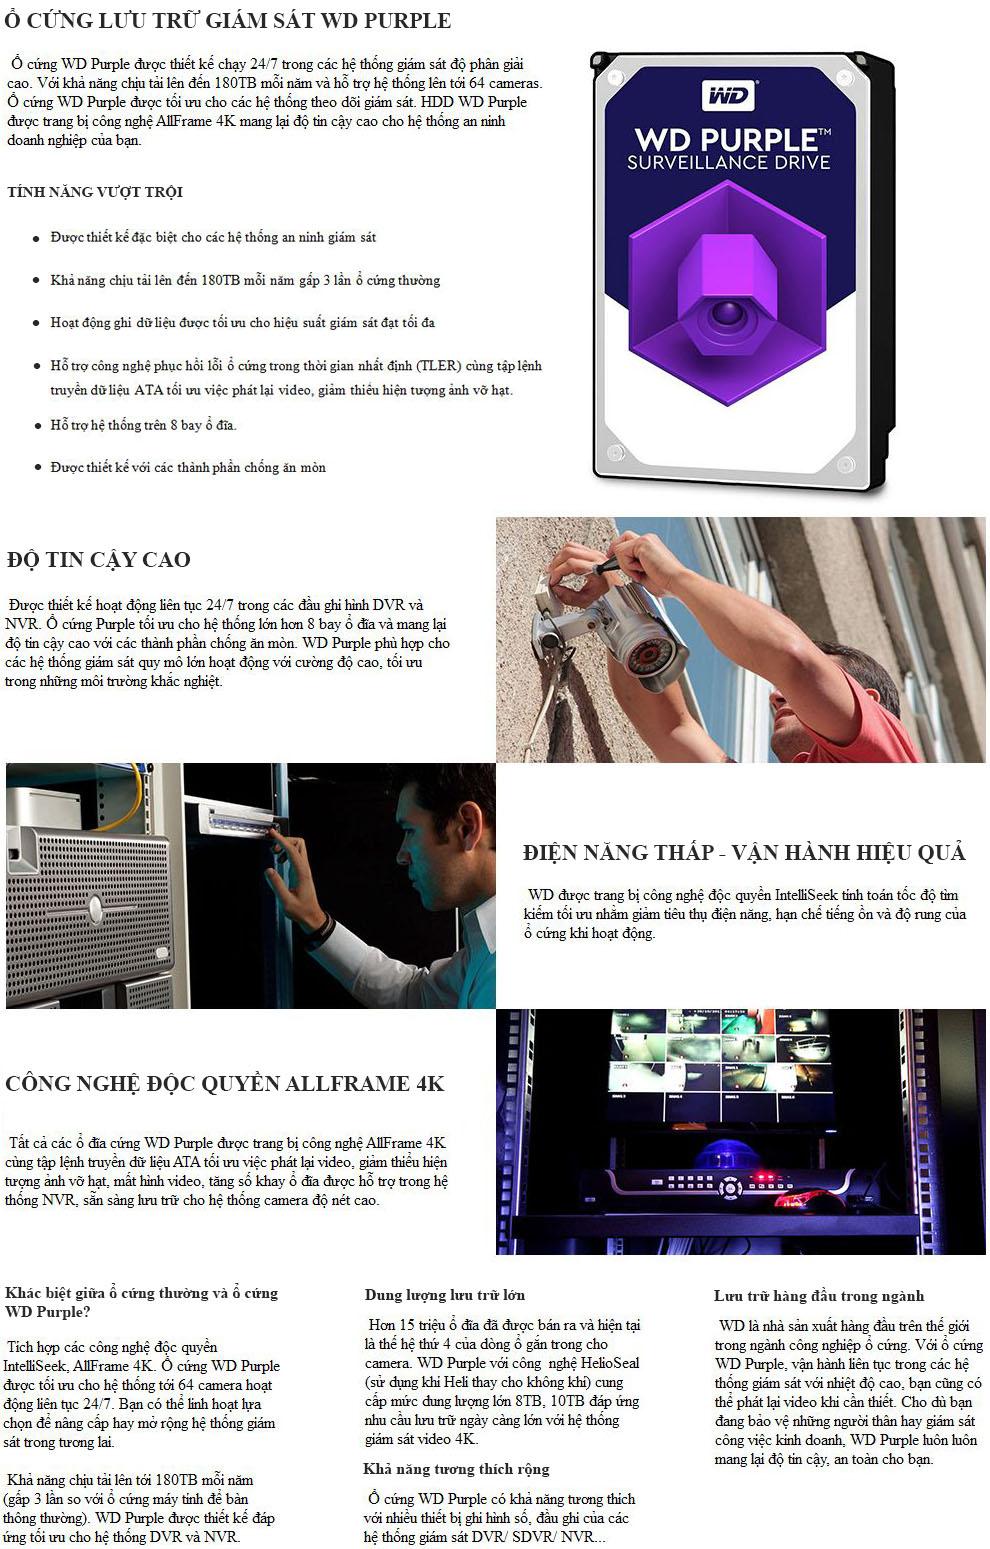 Tính năng hdd wd purple cho camera